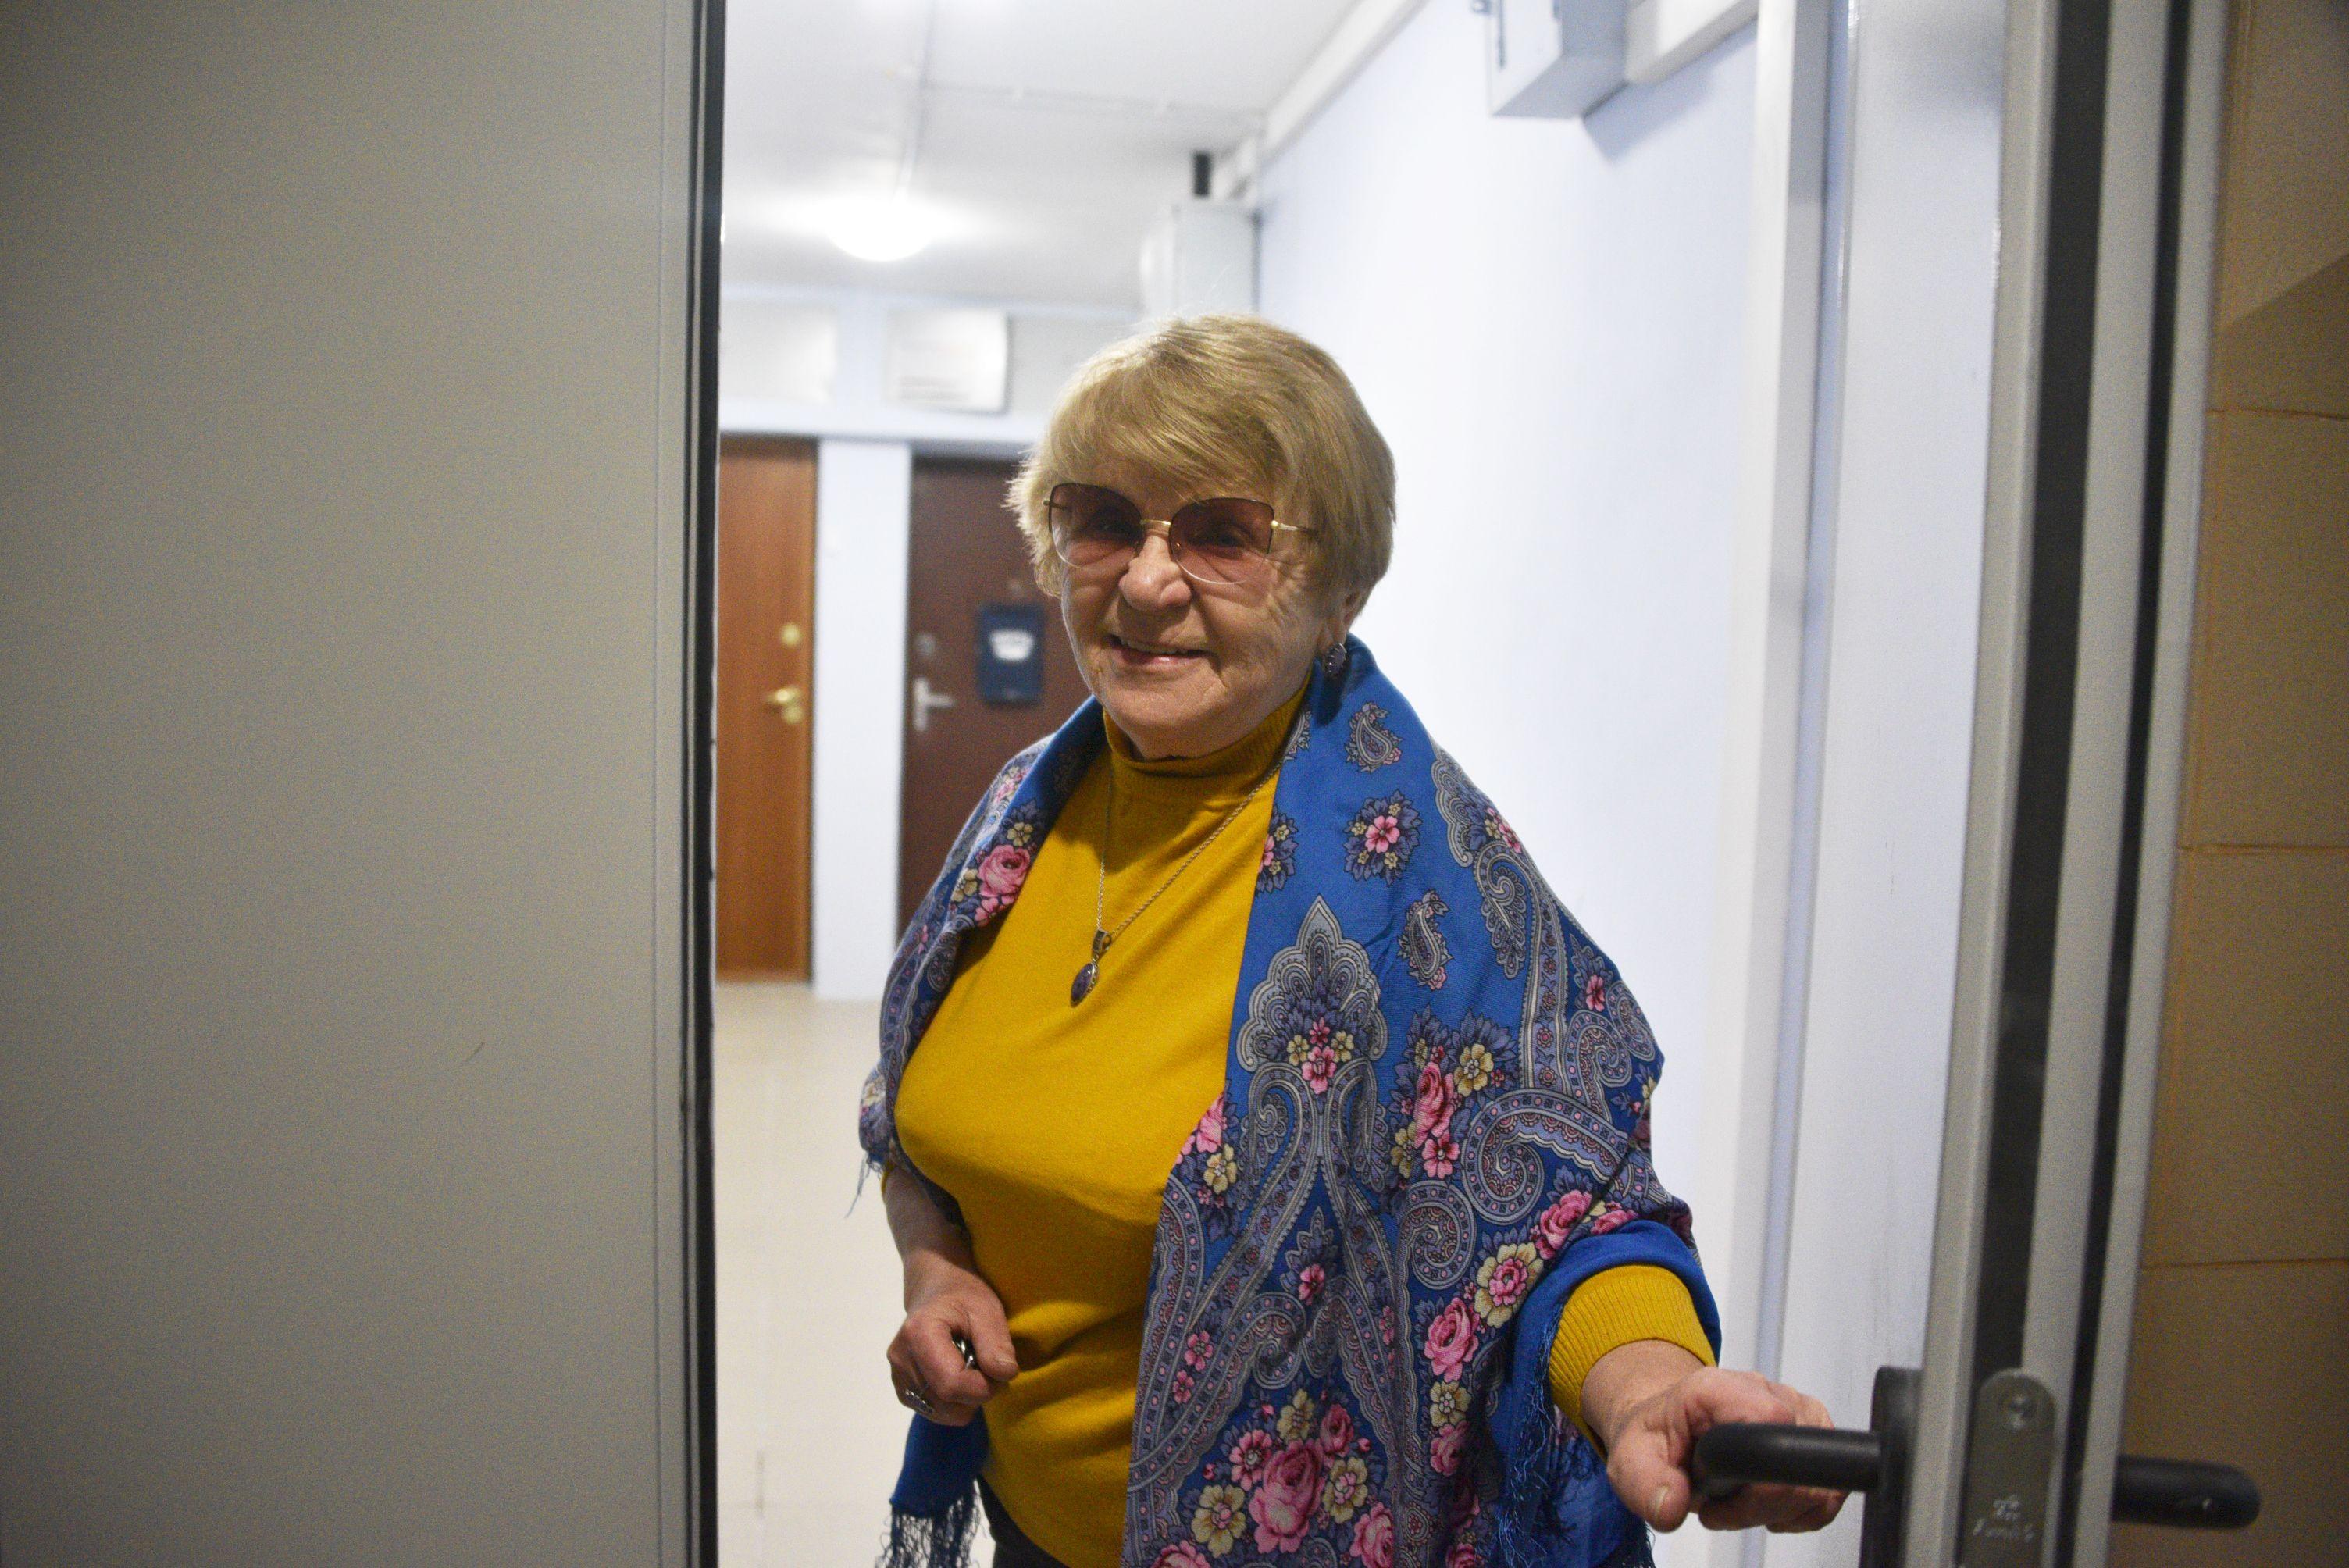 Капитальный ремонт проведут в многоквартирном доме Михайлово-Ярцевского